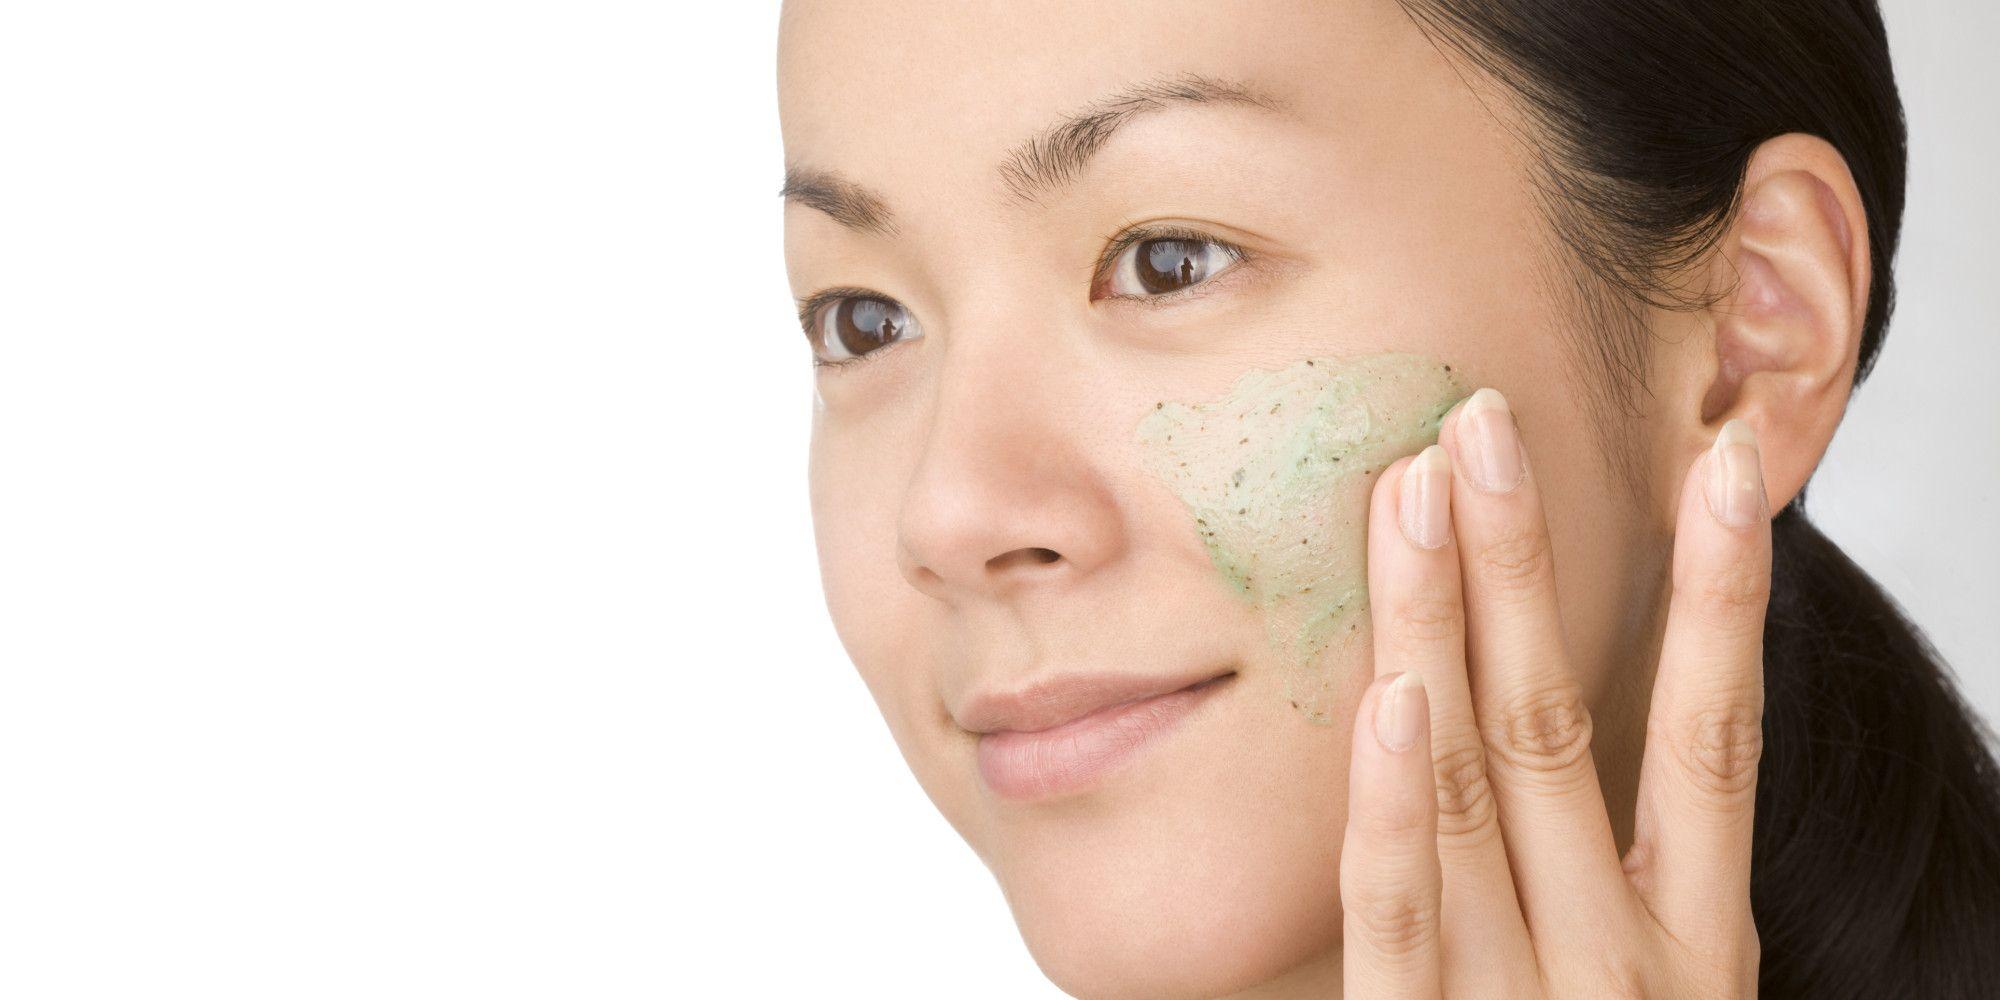 Mỗi tuần chỉ cần tẩy da chết từ 2-3 lần thì làn da của bạn sẽ trở nên tươi sáng, khỏe mạnh và trắng hồng lên trông thấy